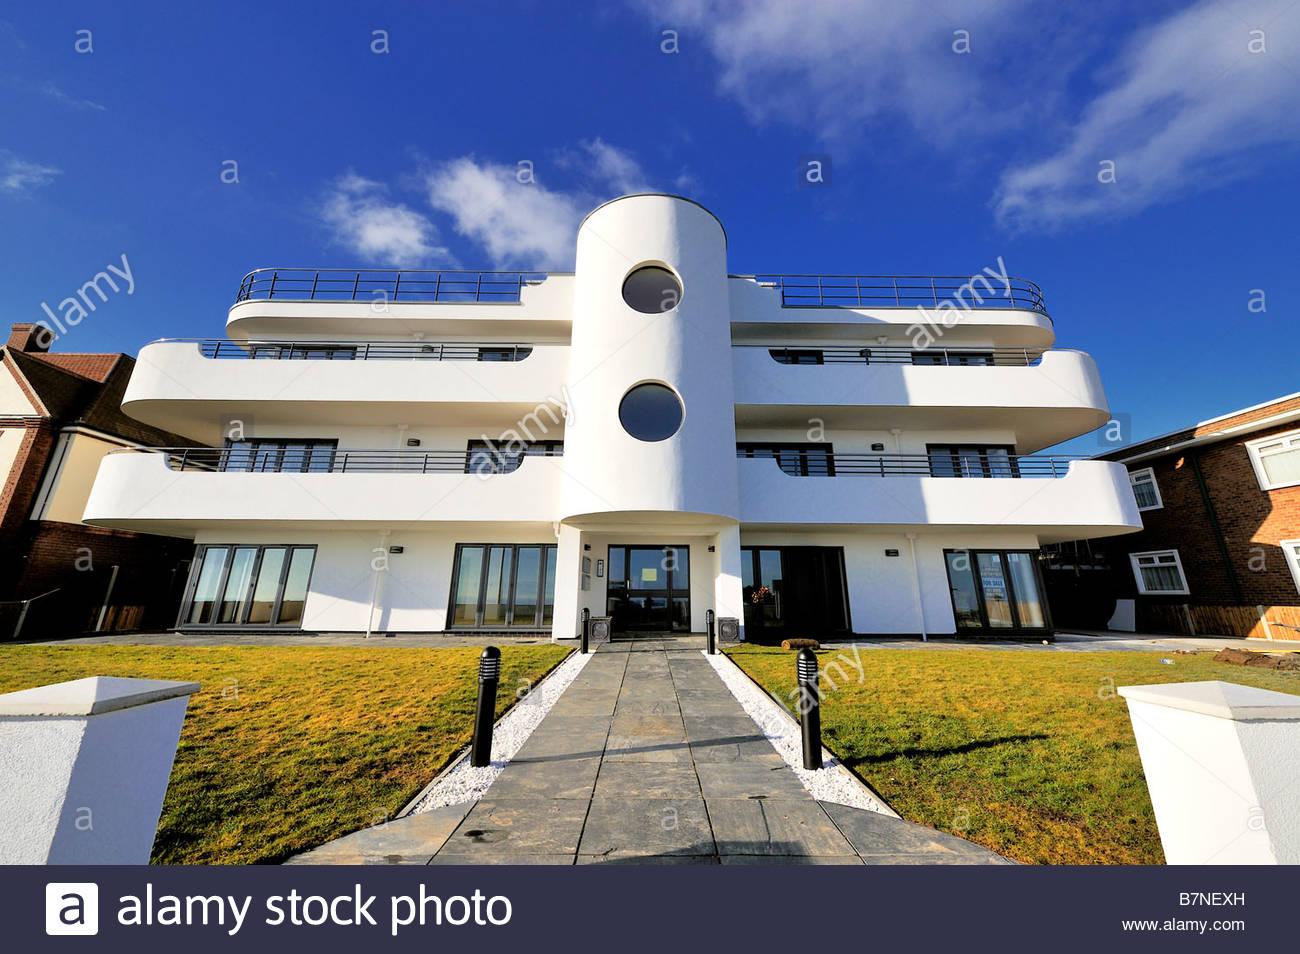 Un nuovo blocco di appartamenti a Frinton on-mare costruito in stile Art Deco Immagini Stock